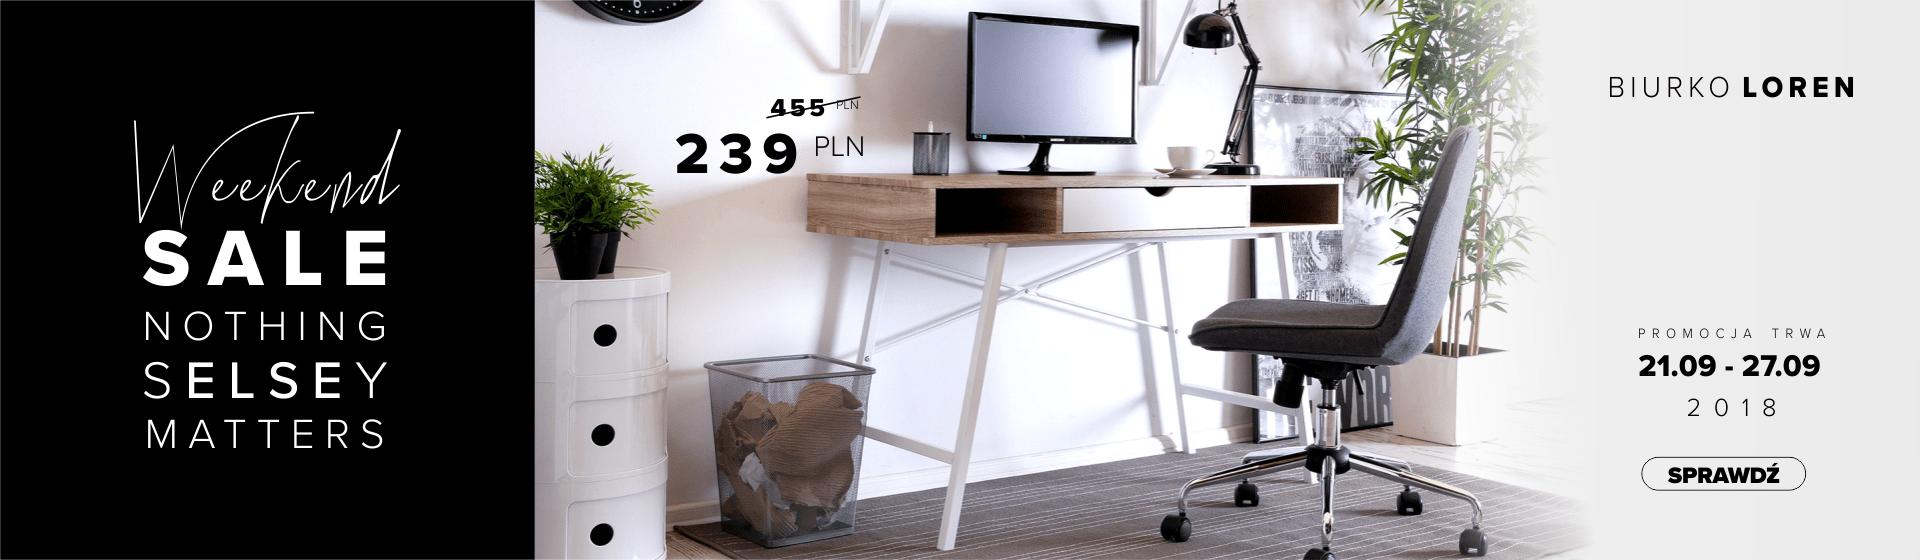 Skandynawskie biurko Loren w promocyjnej cenie.